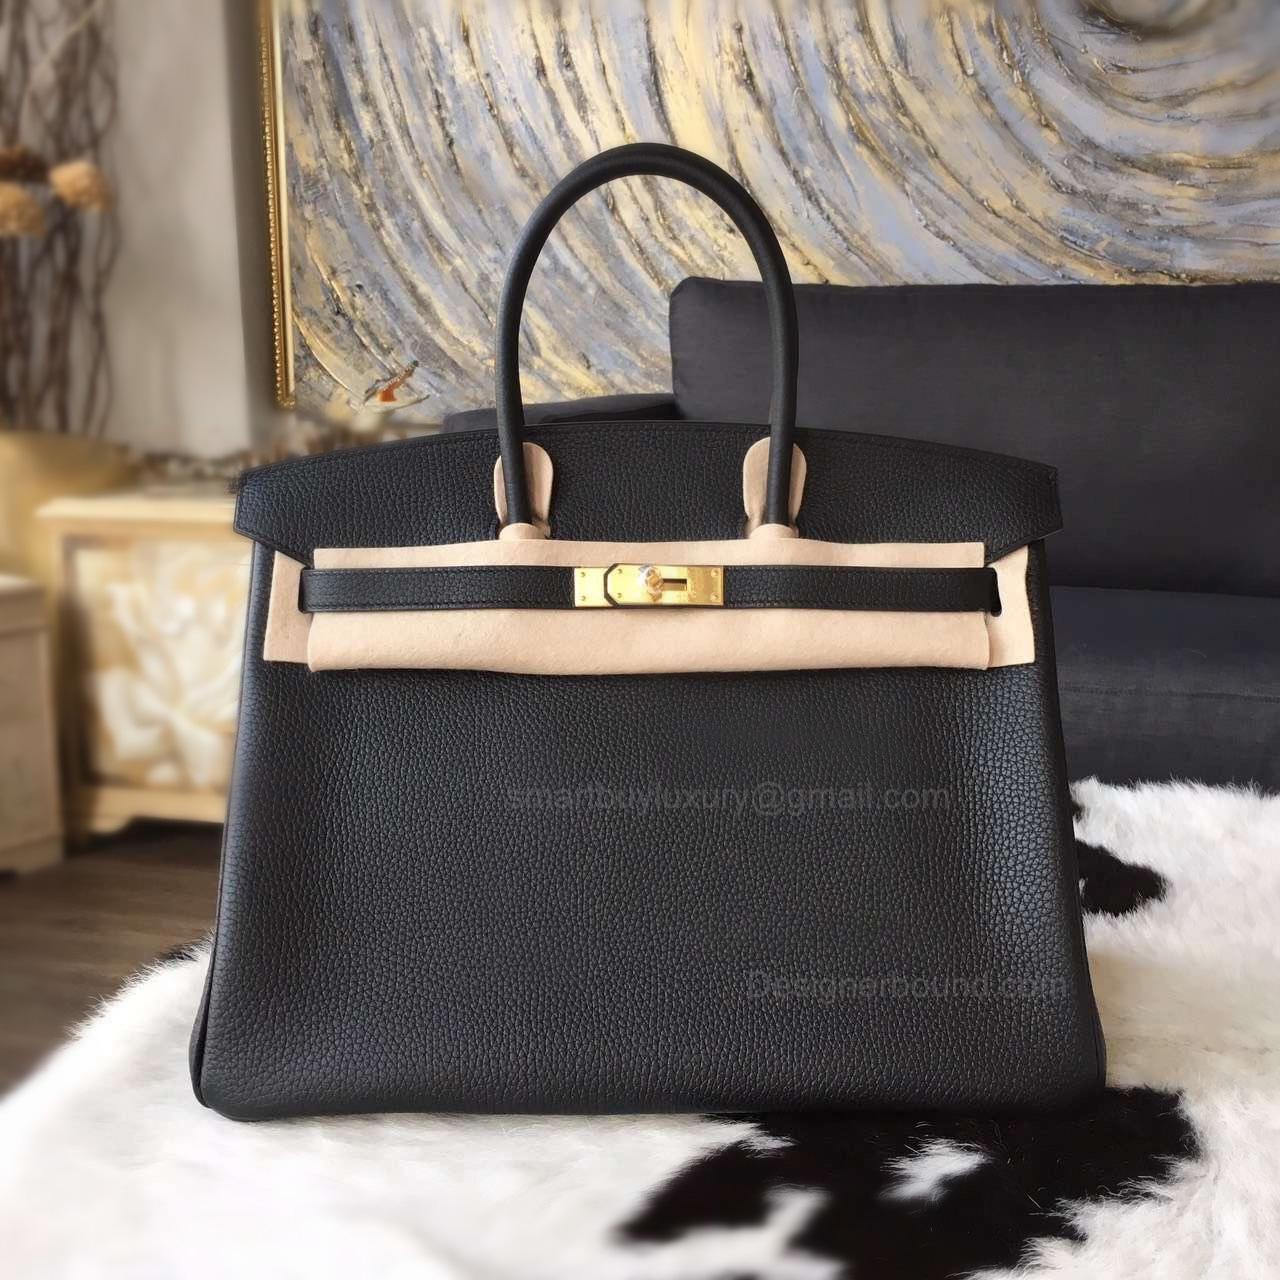 25a7e9d9270 Hand Stitched Hermes Birkin 35 Bag in ck89 Noir Togo Calfskin GHW -